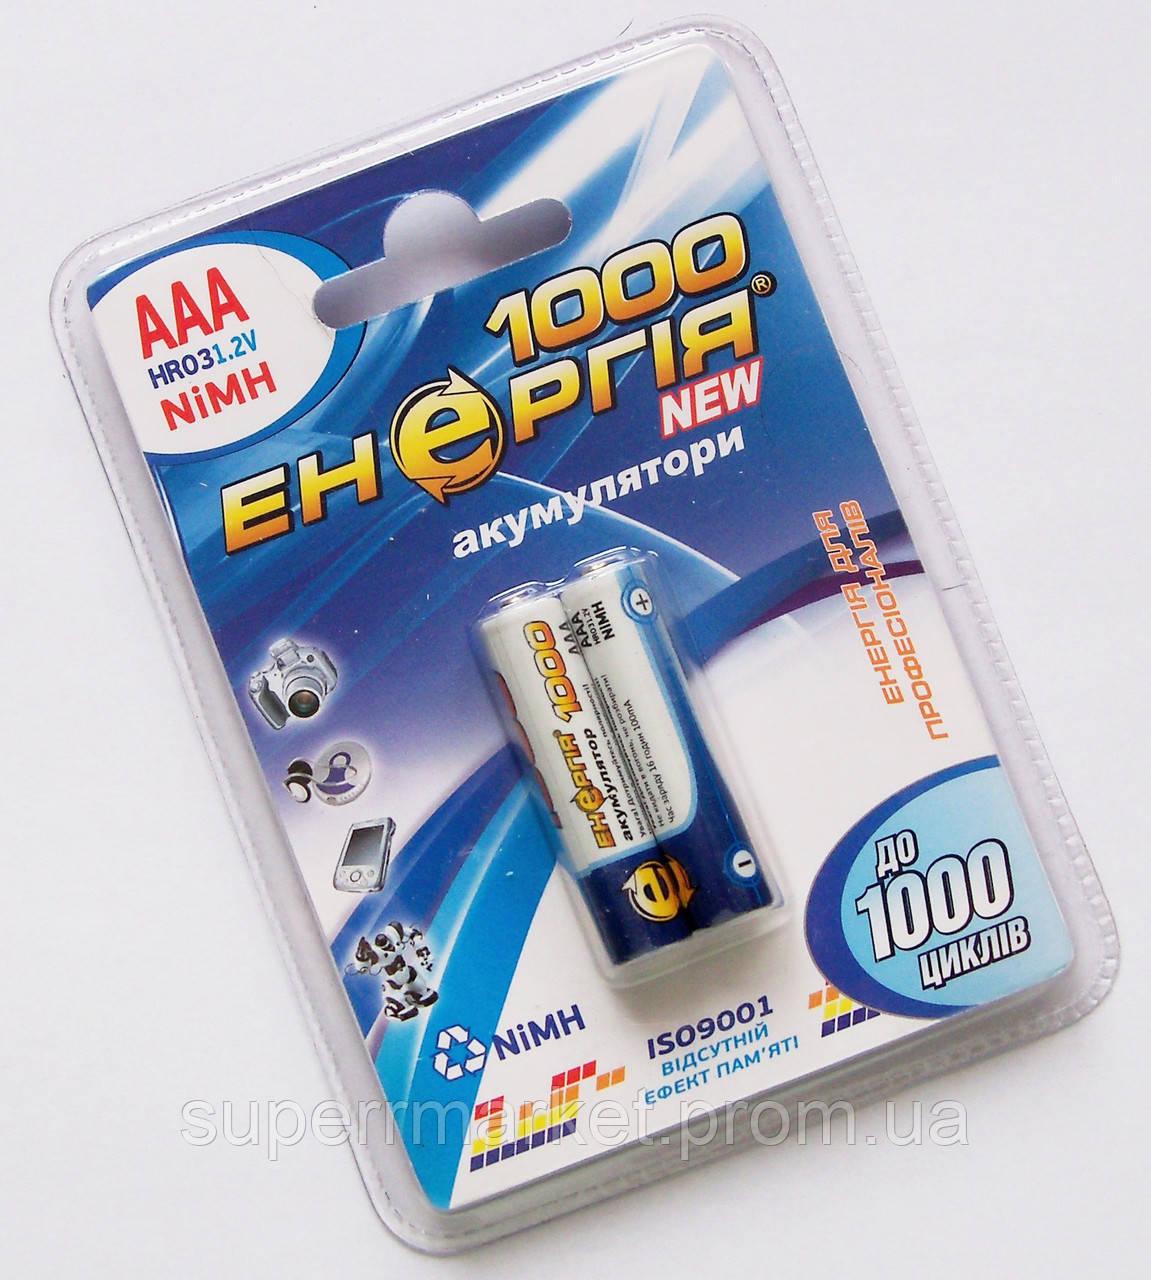 Аккумуляторы AAA Энергия NiMH 1000mAh